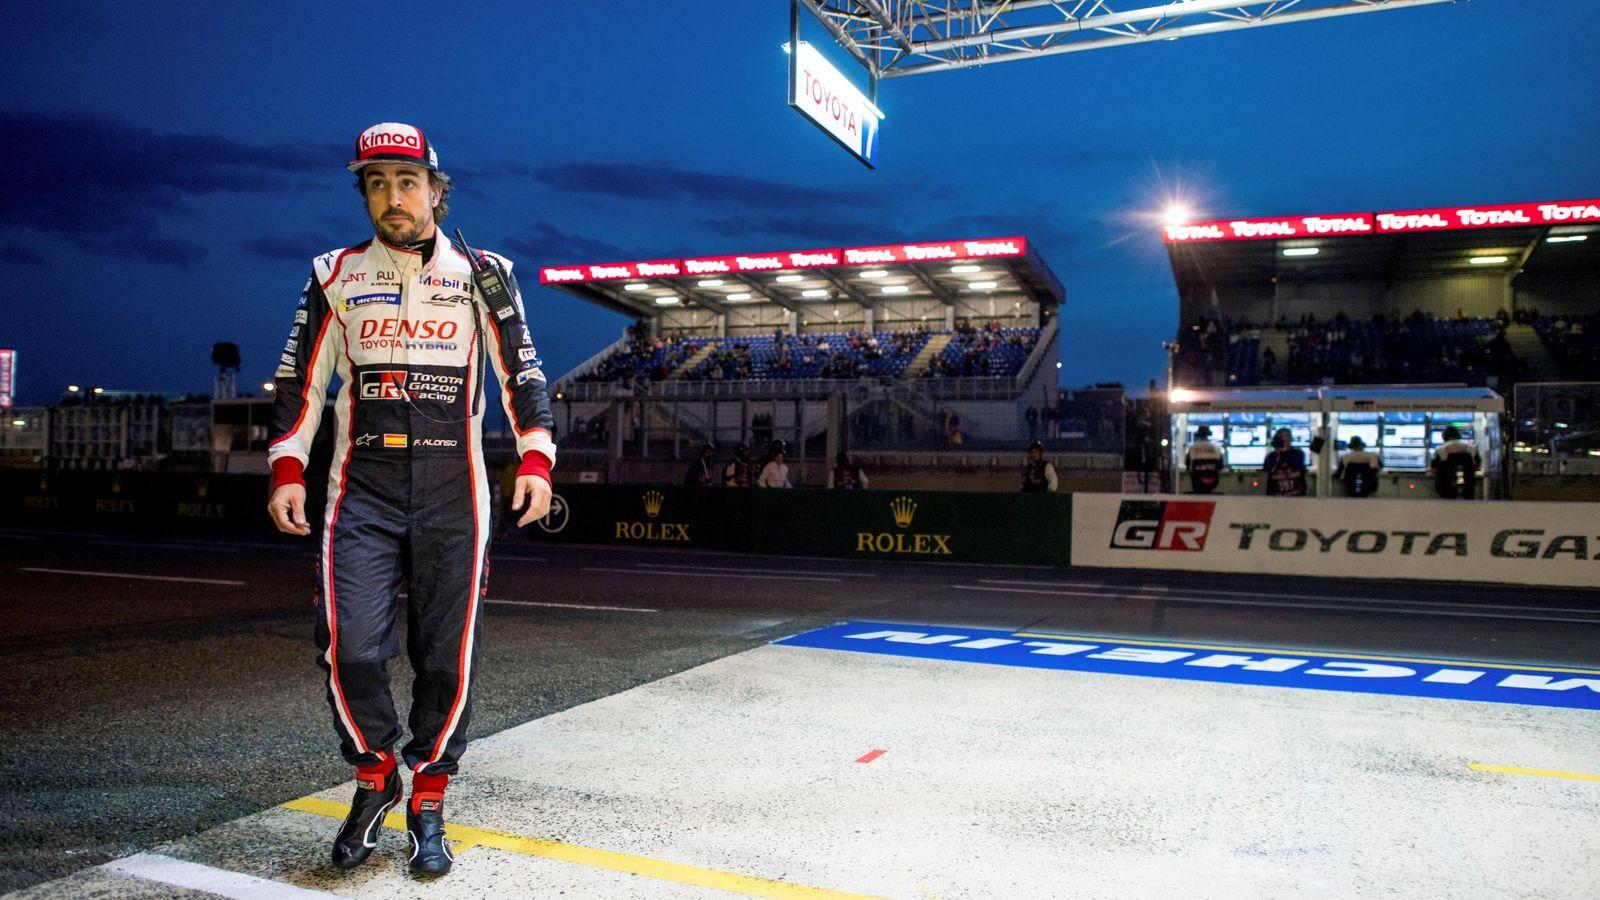 Foto: Alonso sigue contento y en busca de adquirir más experiencia de cara al fin de semana (EFE)